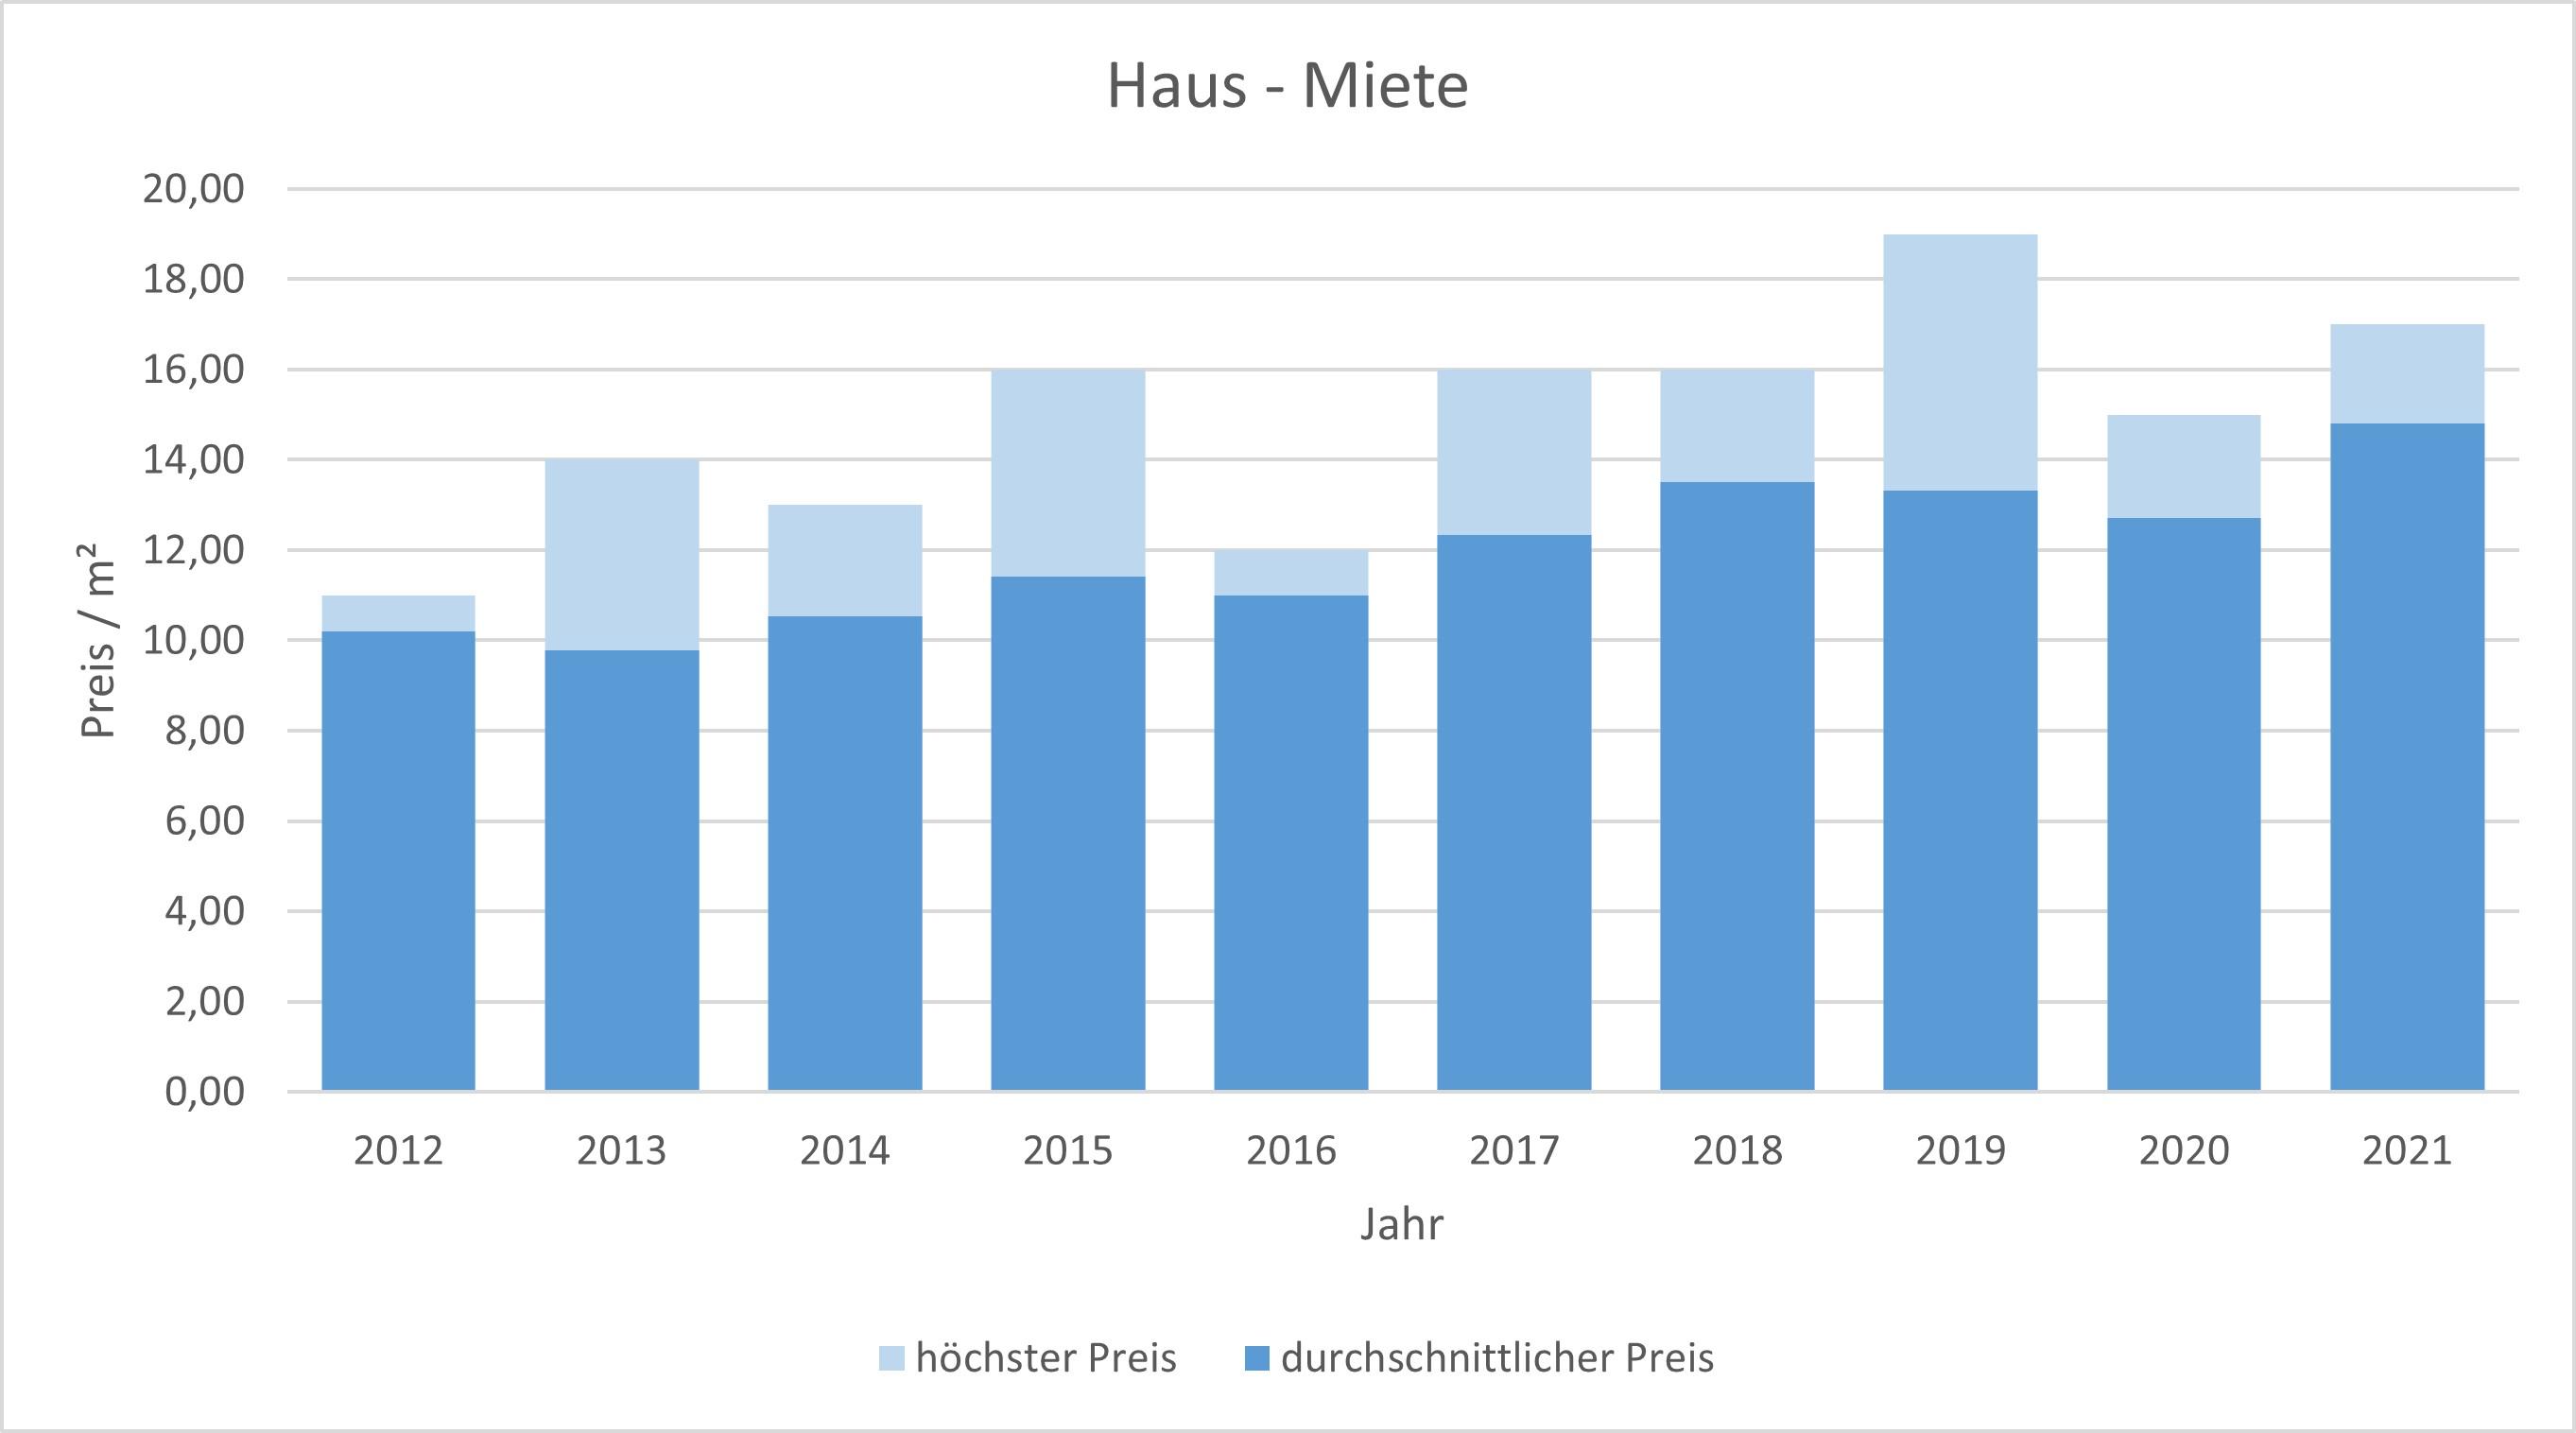 Weyarn Haus mieten vermieten Preis Bewertung Makler www.happy-immo.de 2019 2020 2021